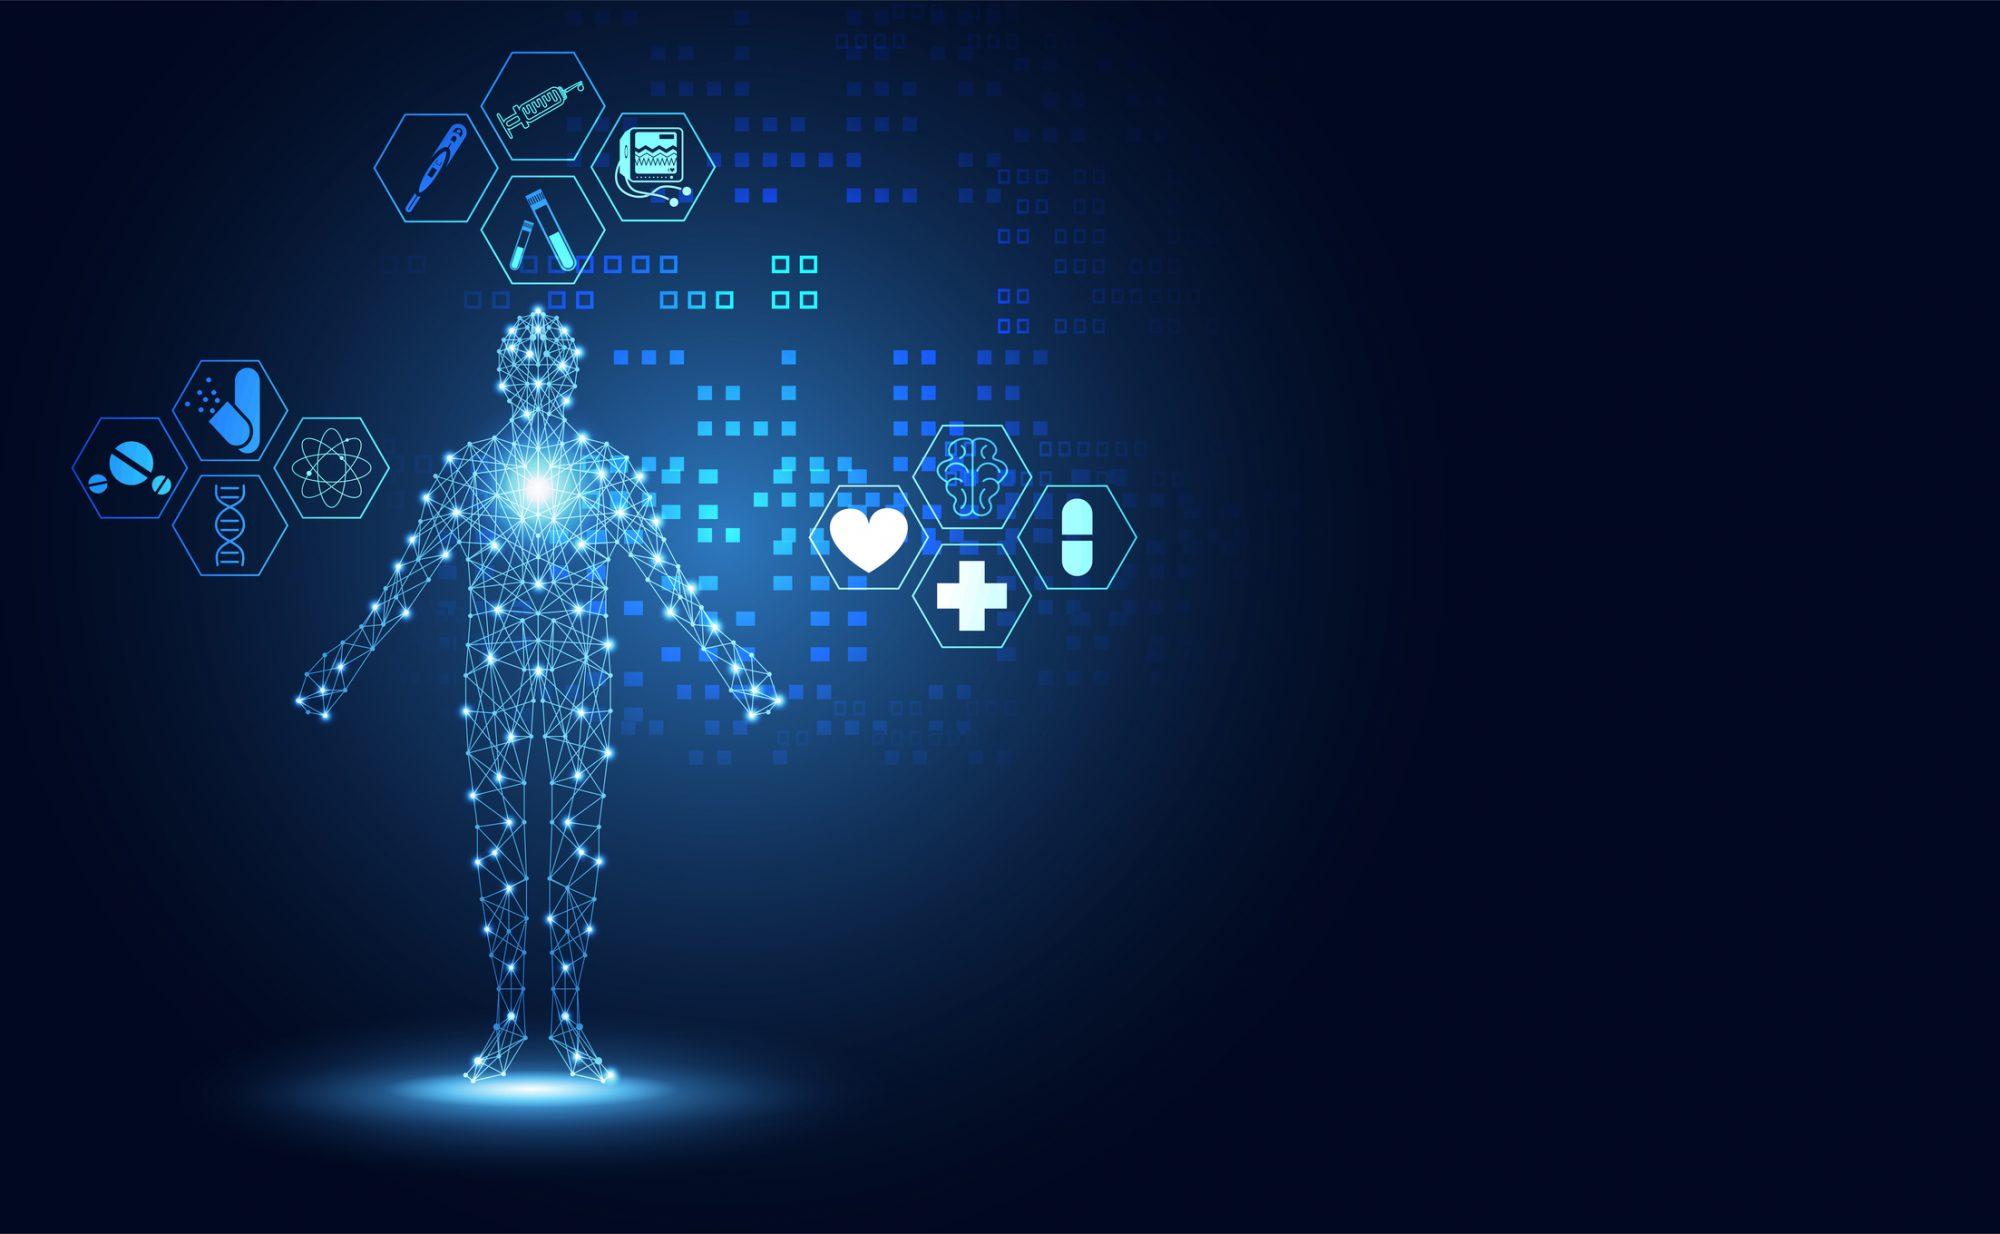 Ψηφιακή Επανάσταση: Η παρακαταθήκη της τηλεϊατρικής από την πανδημία